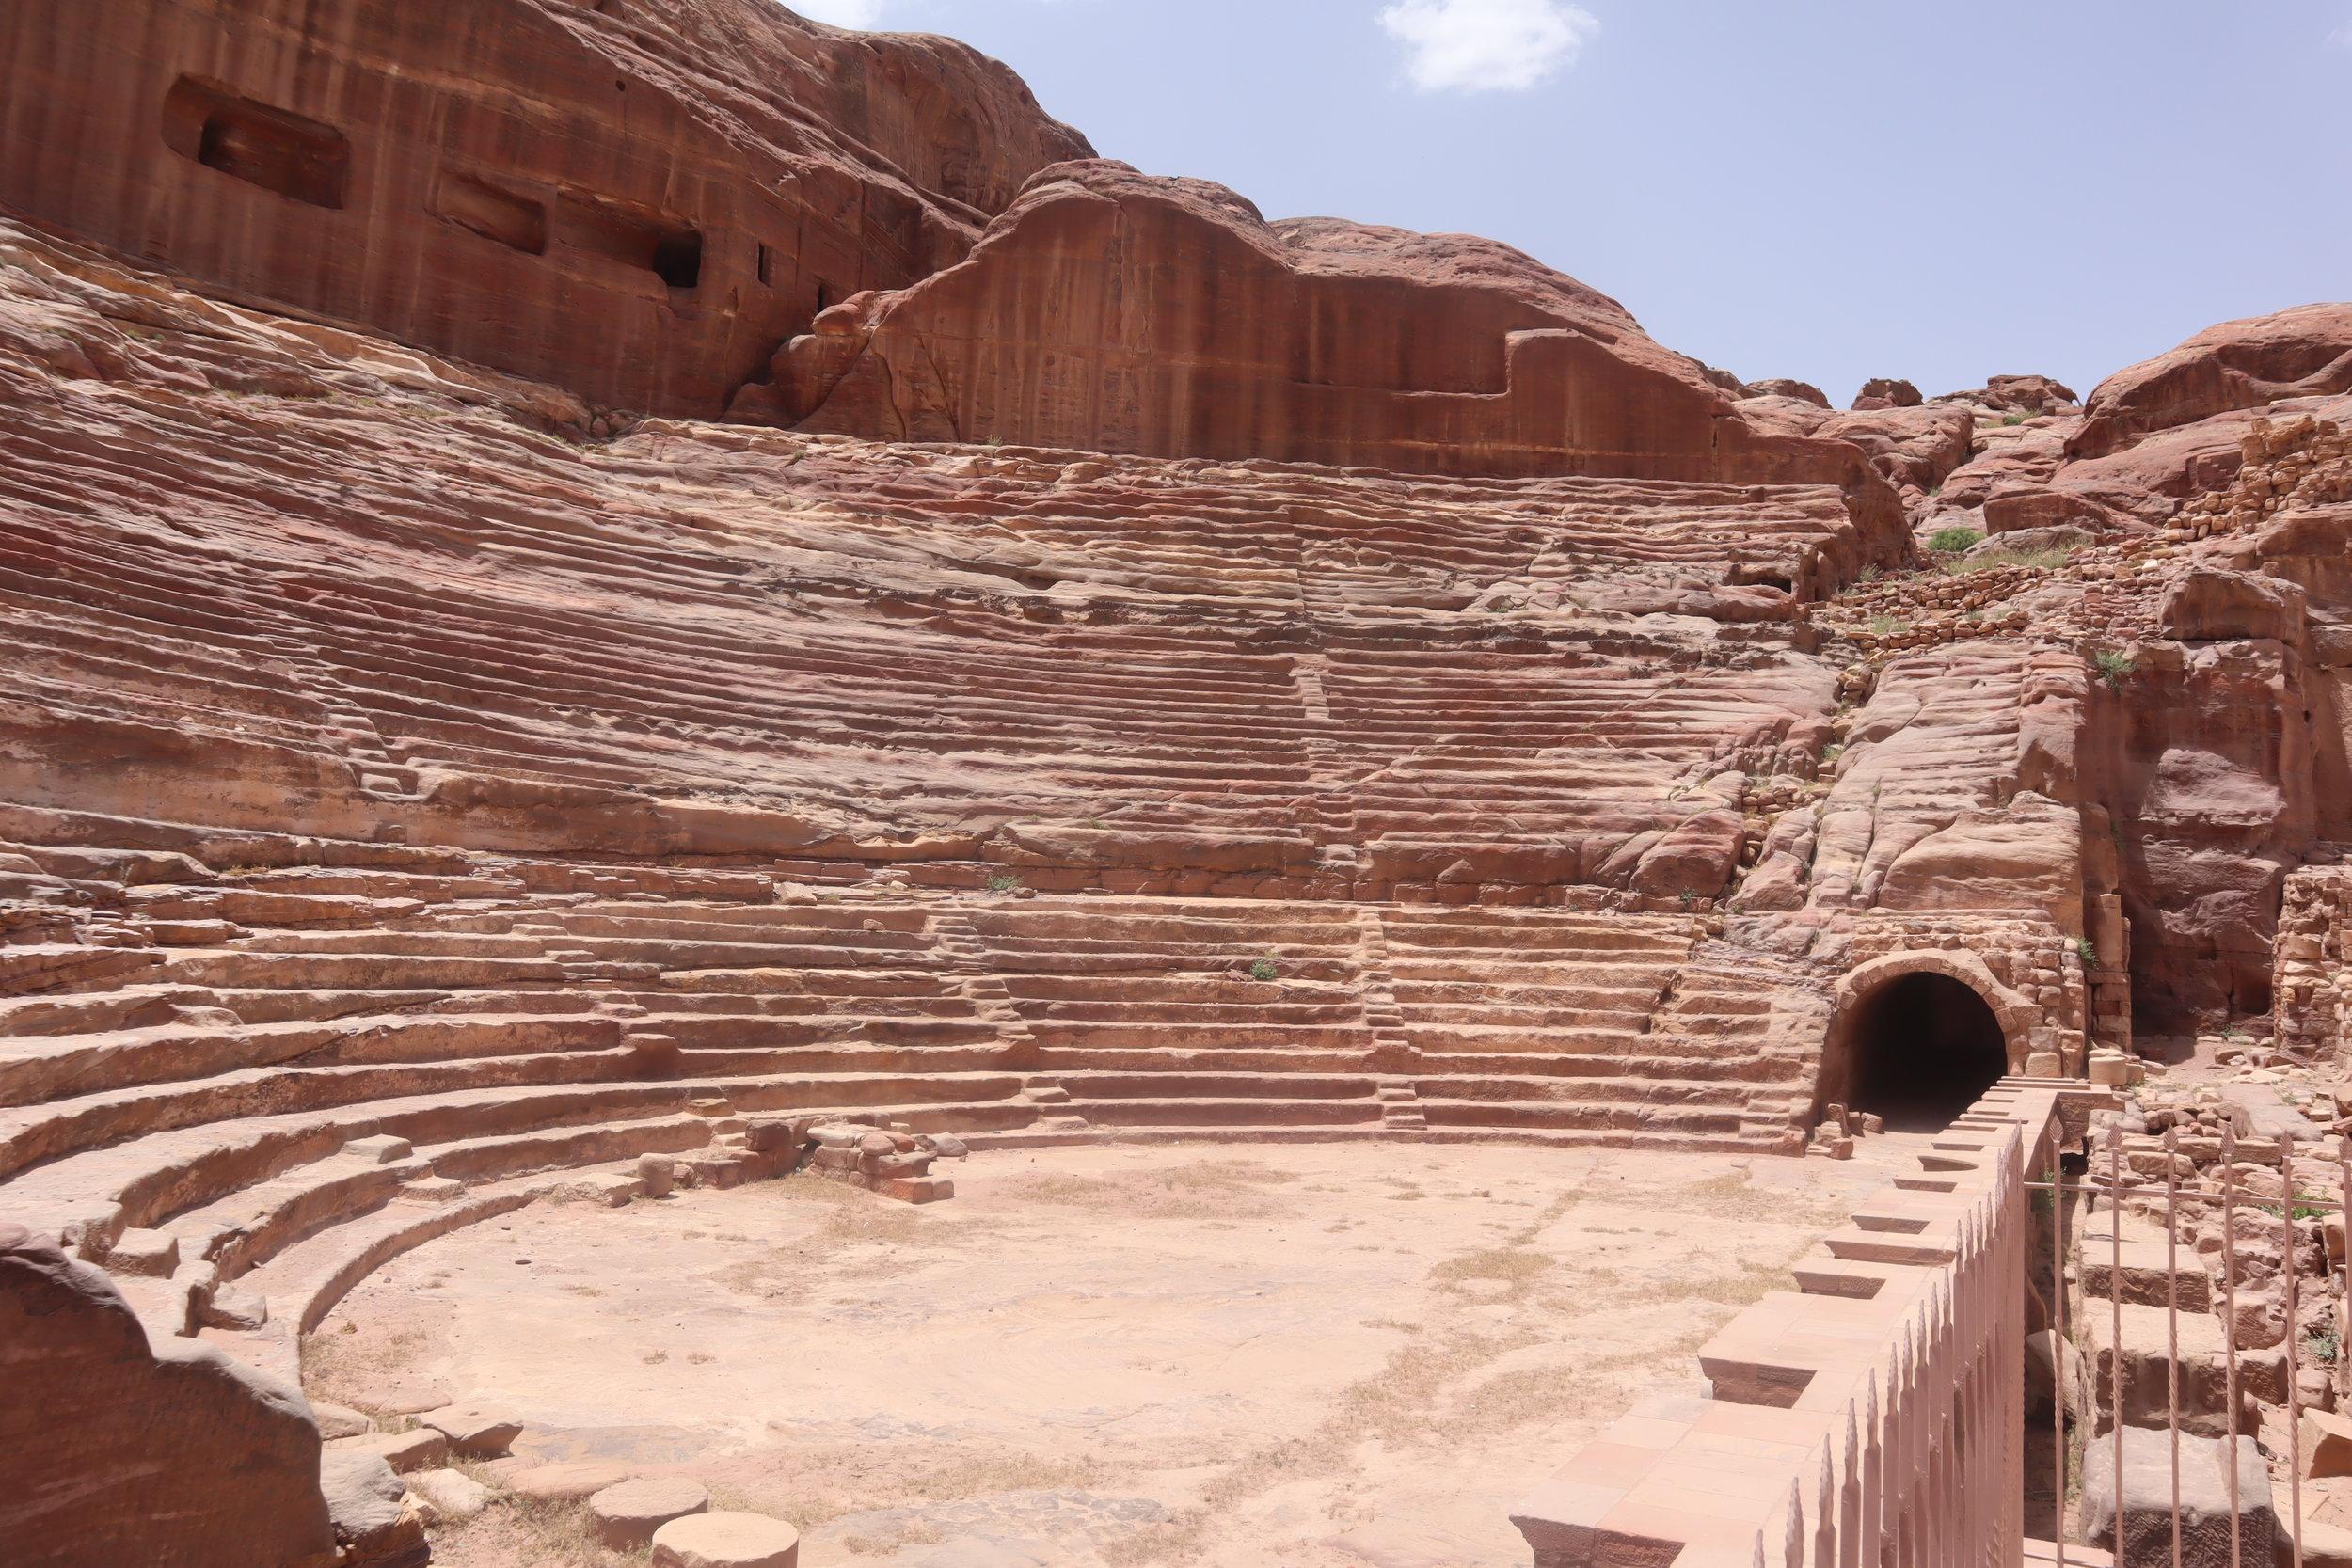 Petra, Jordan – Ancient amphitheatre